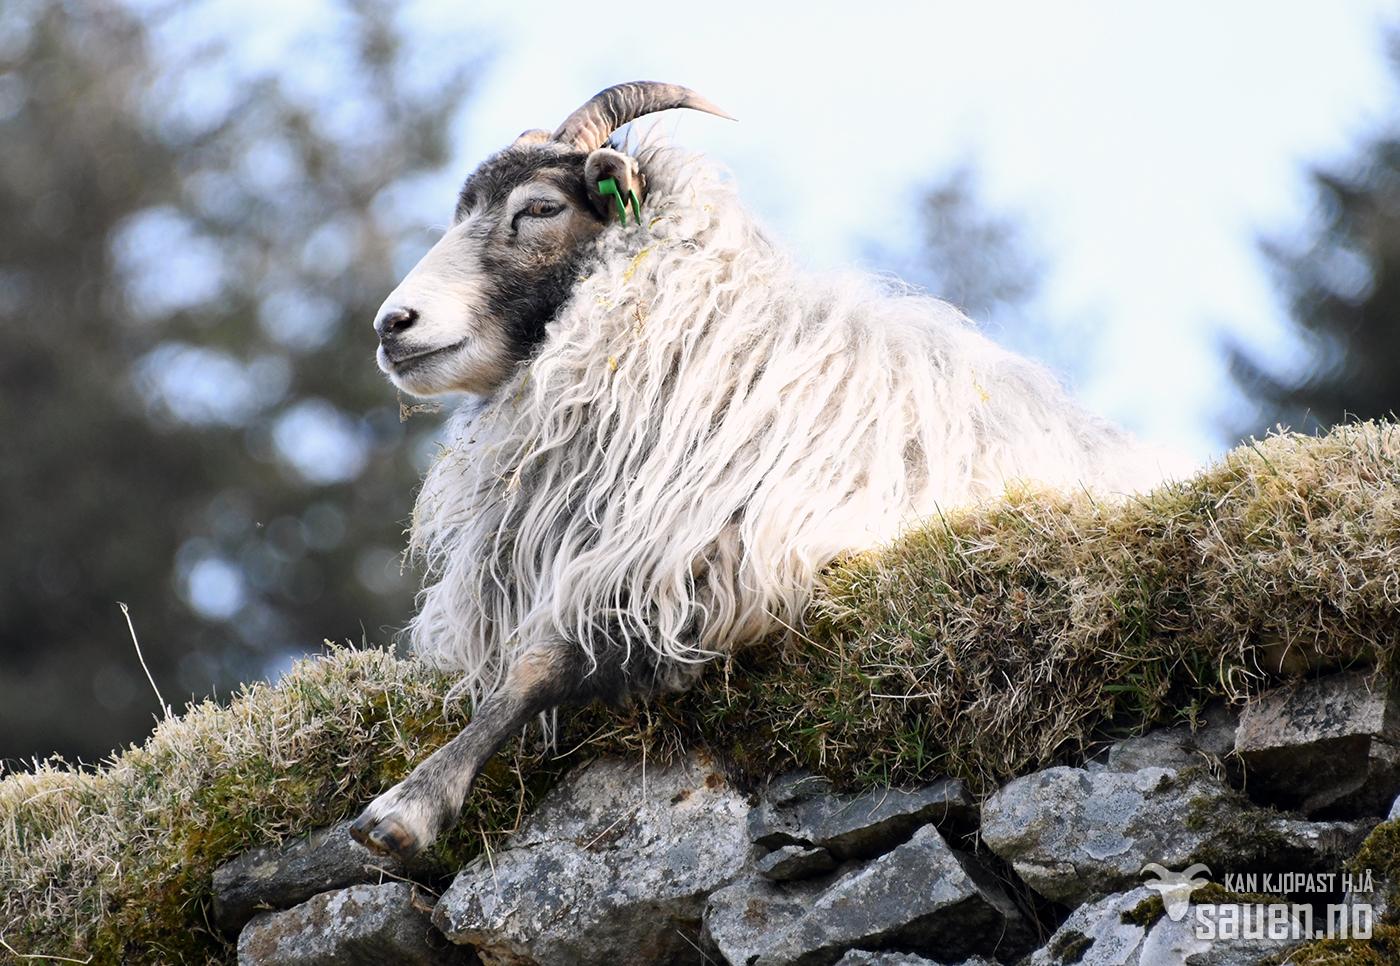 bilder av sau, sau, lerret, bilde av sau, gammalnorsk spælsau, sheep, photo of sheep, gammalnorsk spælsau